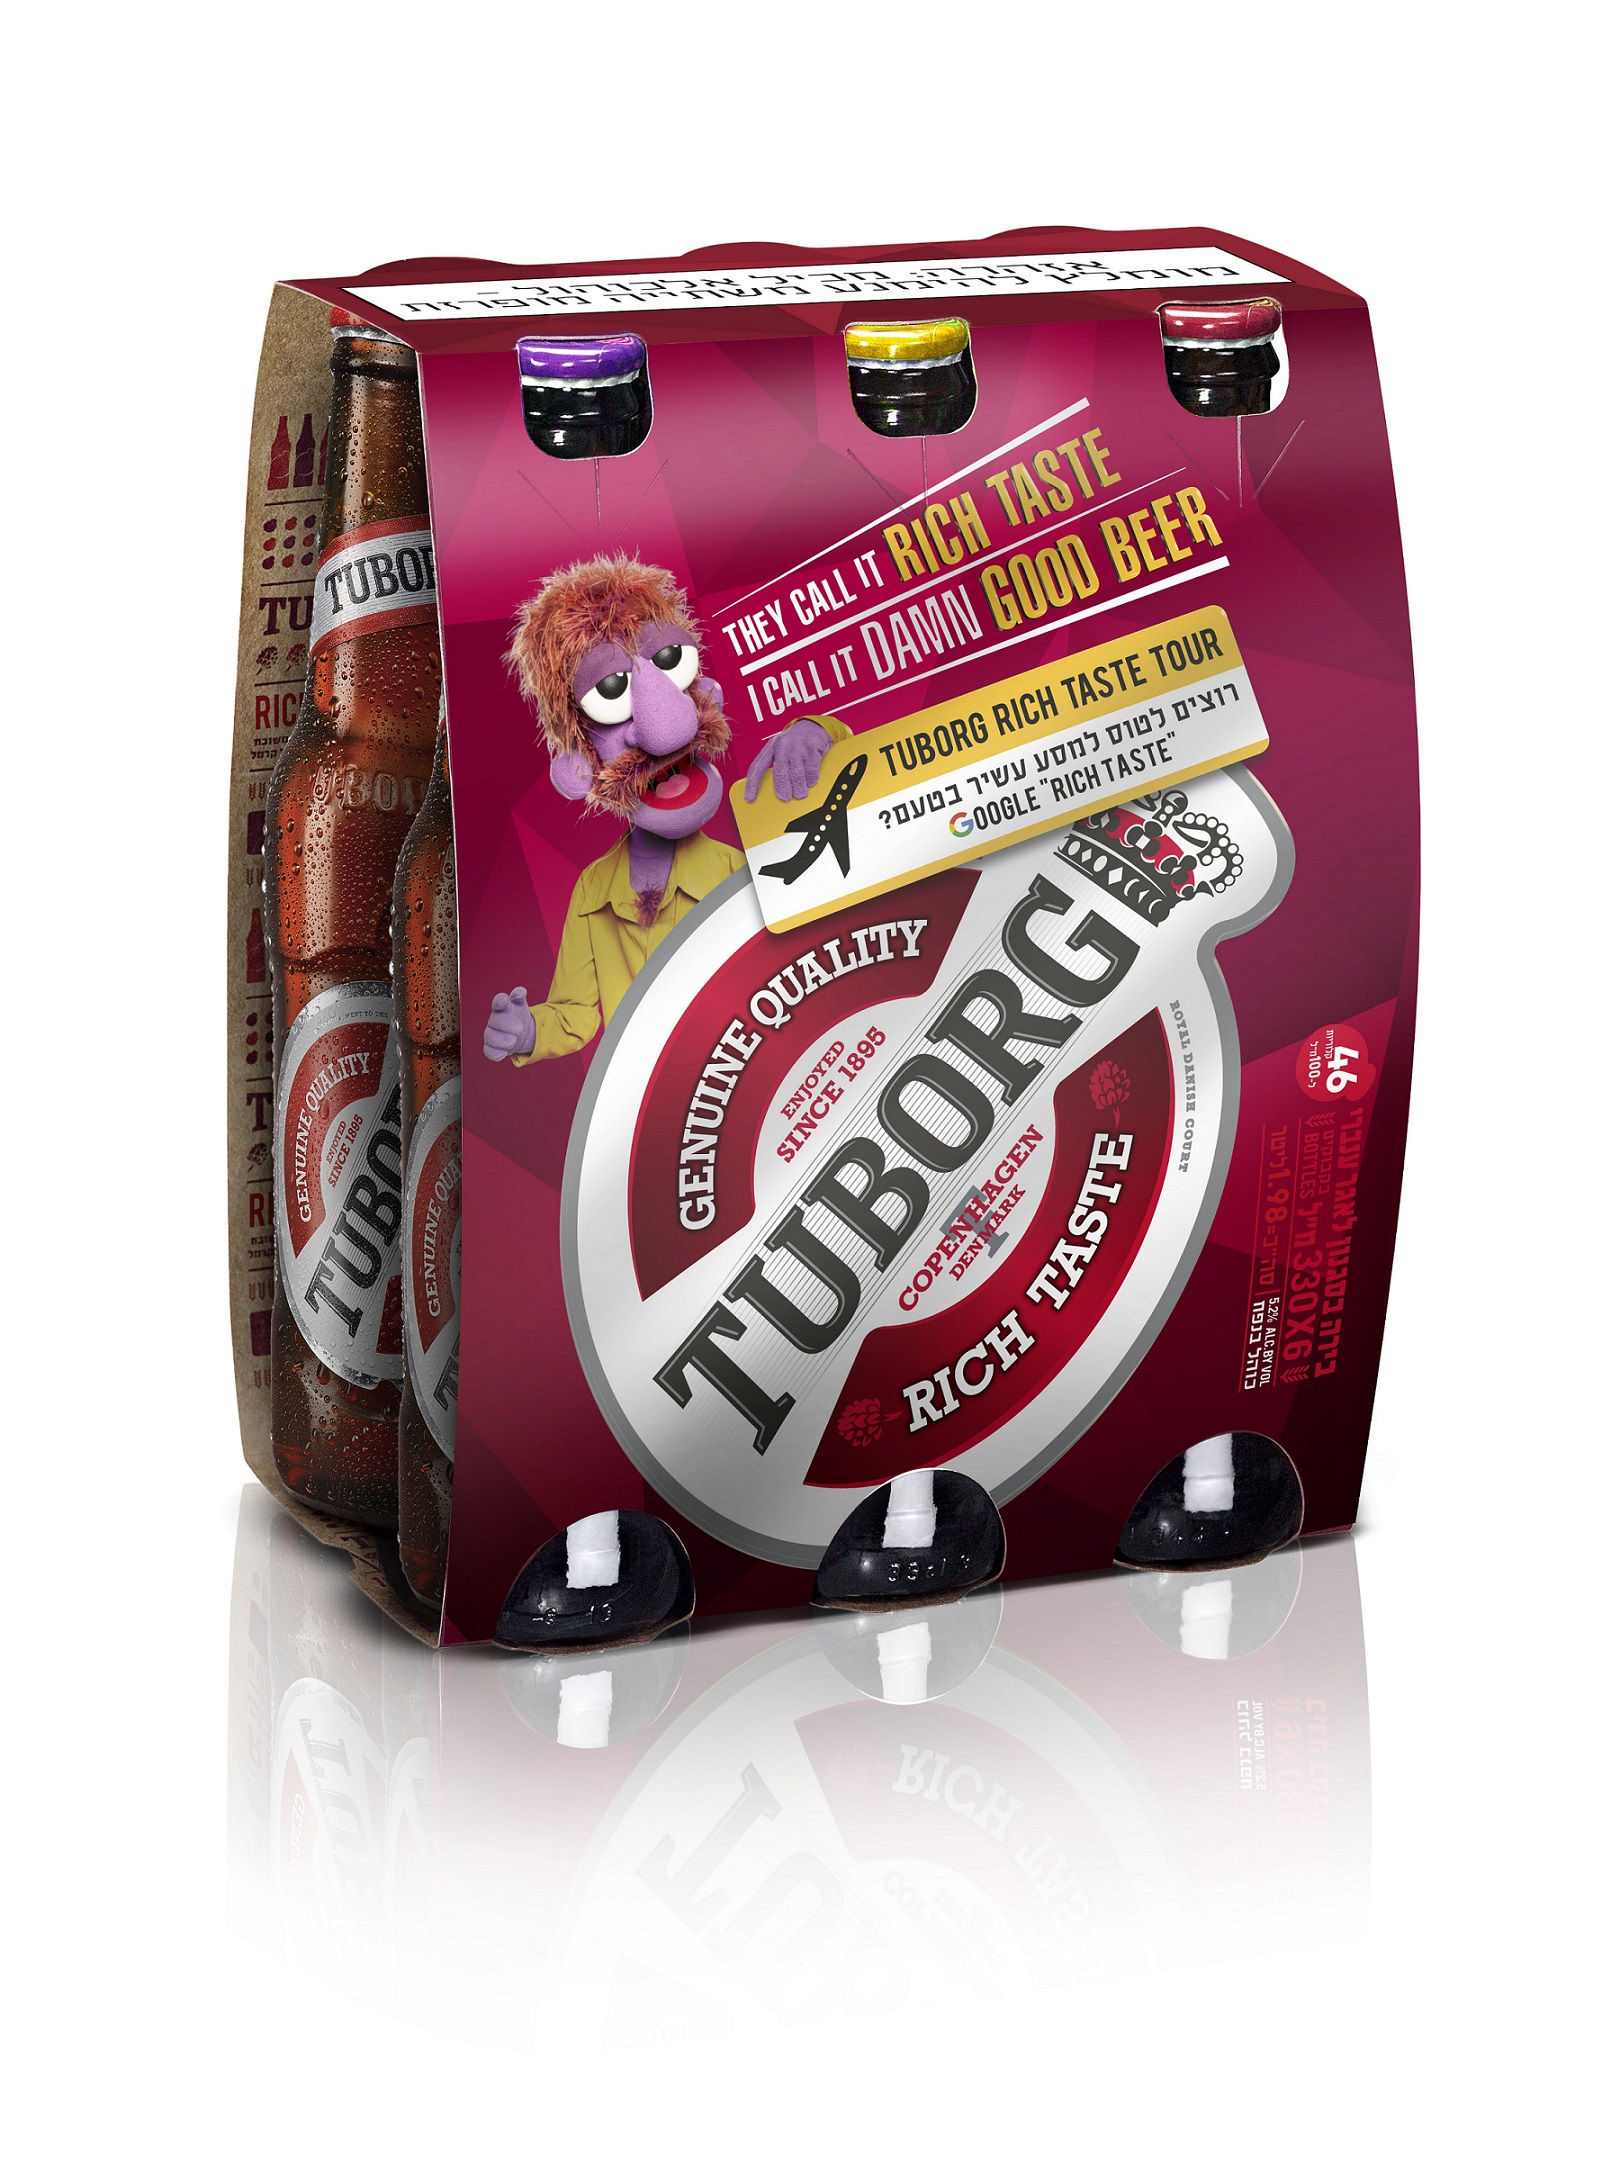 Лето в стиле Tuborg: особая серия пива и возможность выиграть незабываемое путешествие